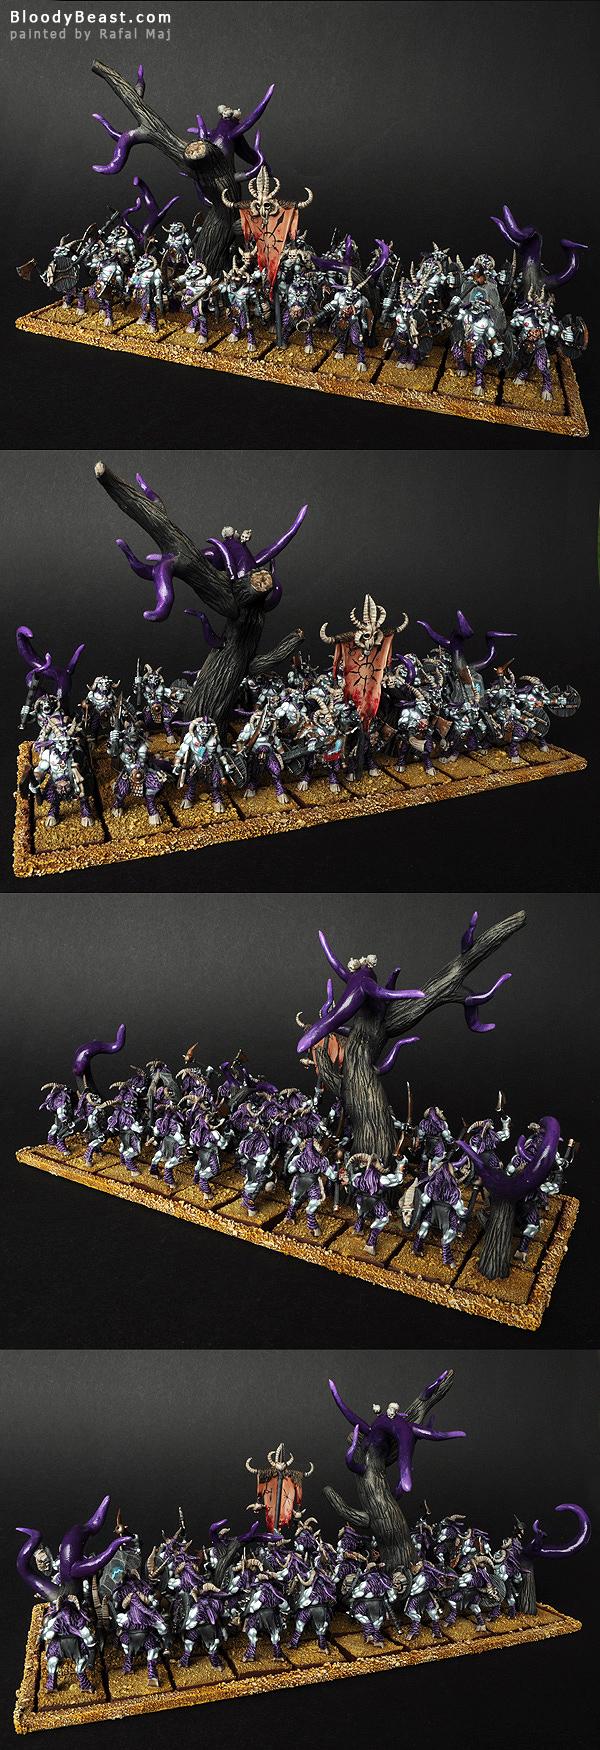 Beastmen Gors Herd of Slaanesh Horde painted by Rafal Maj (BloodyBeast.com)